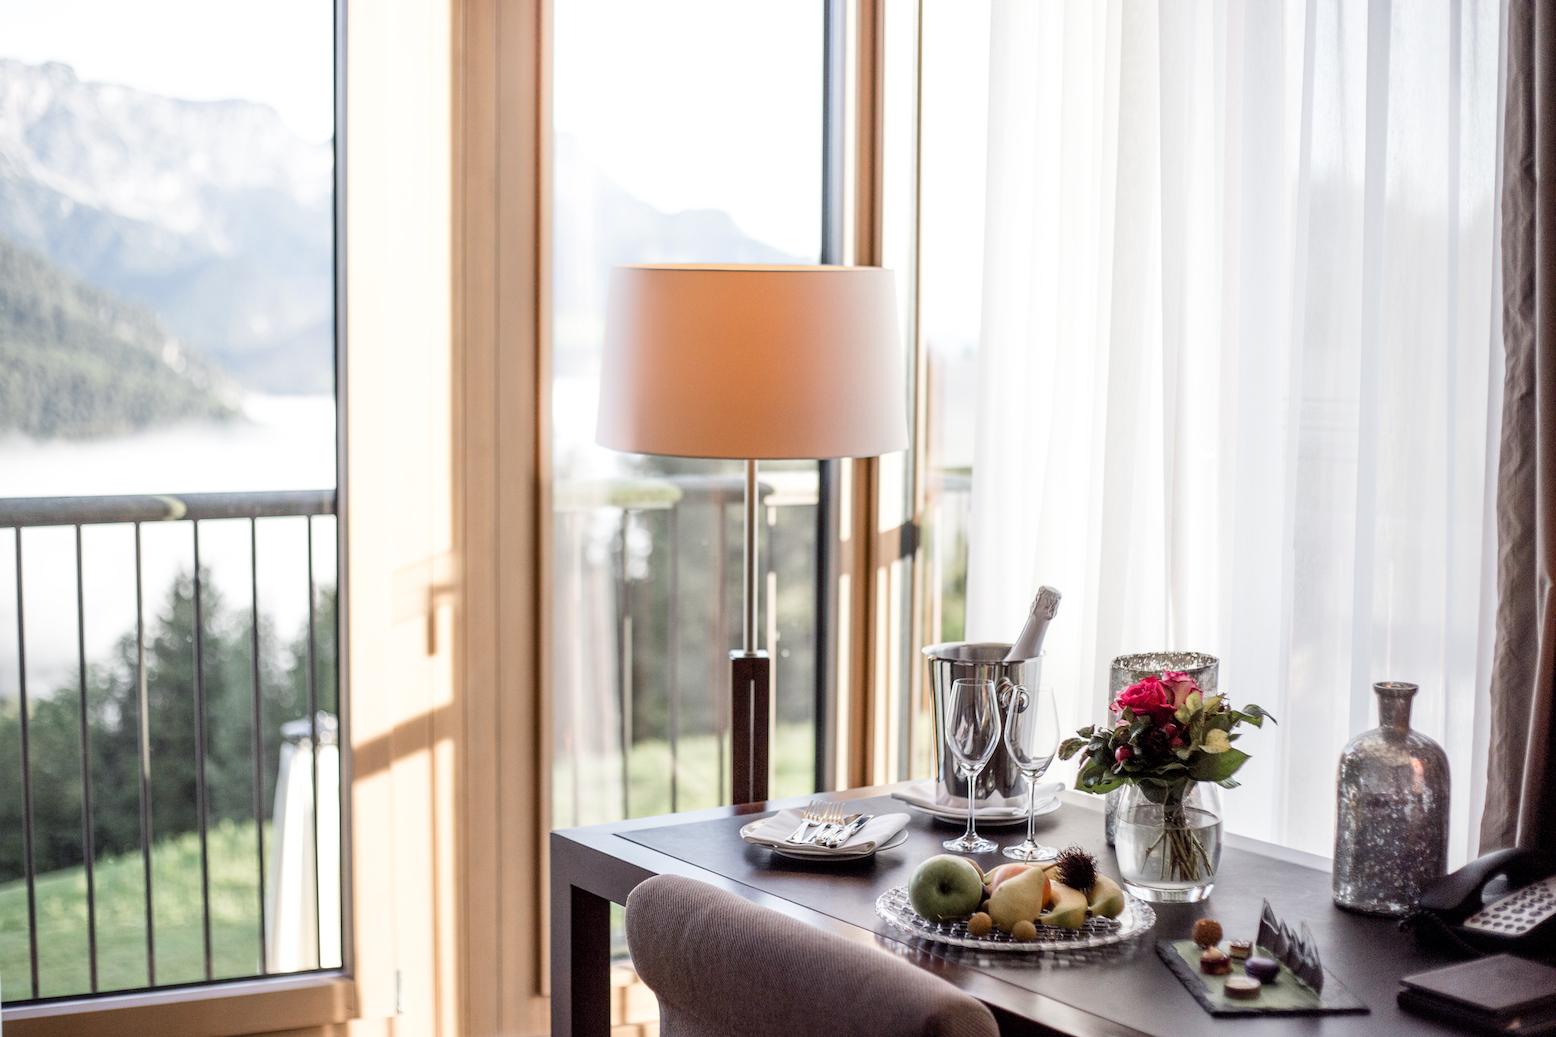 livia-auer-kempinski-berchtesgaden-IMG_0372